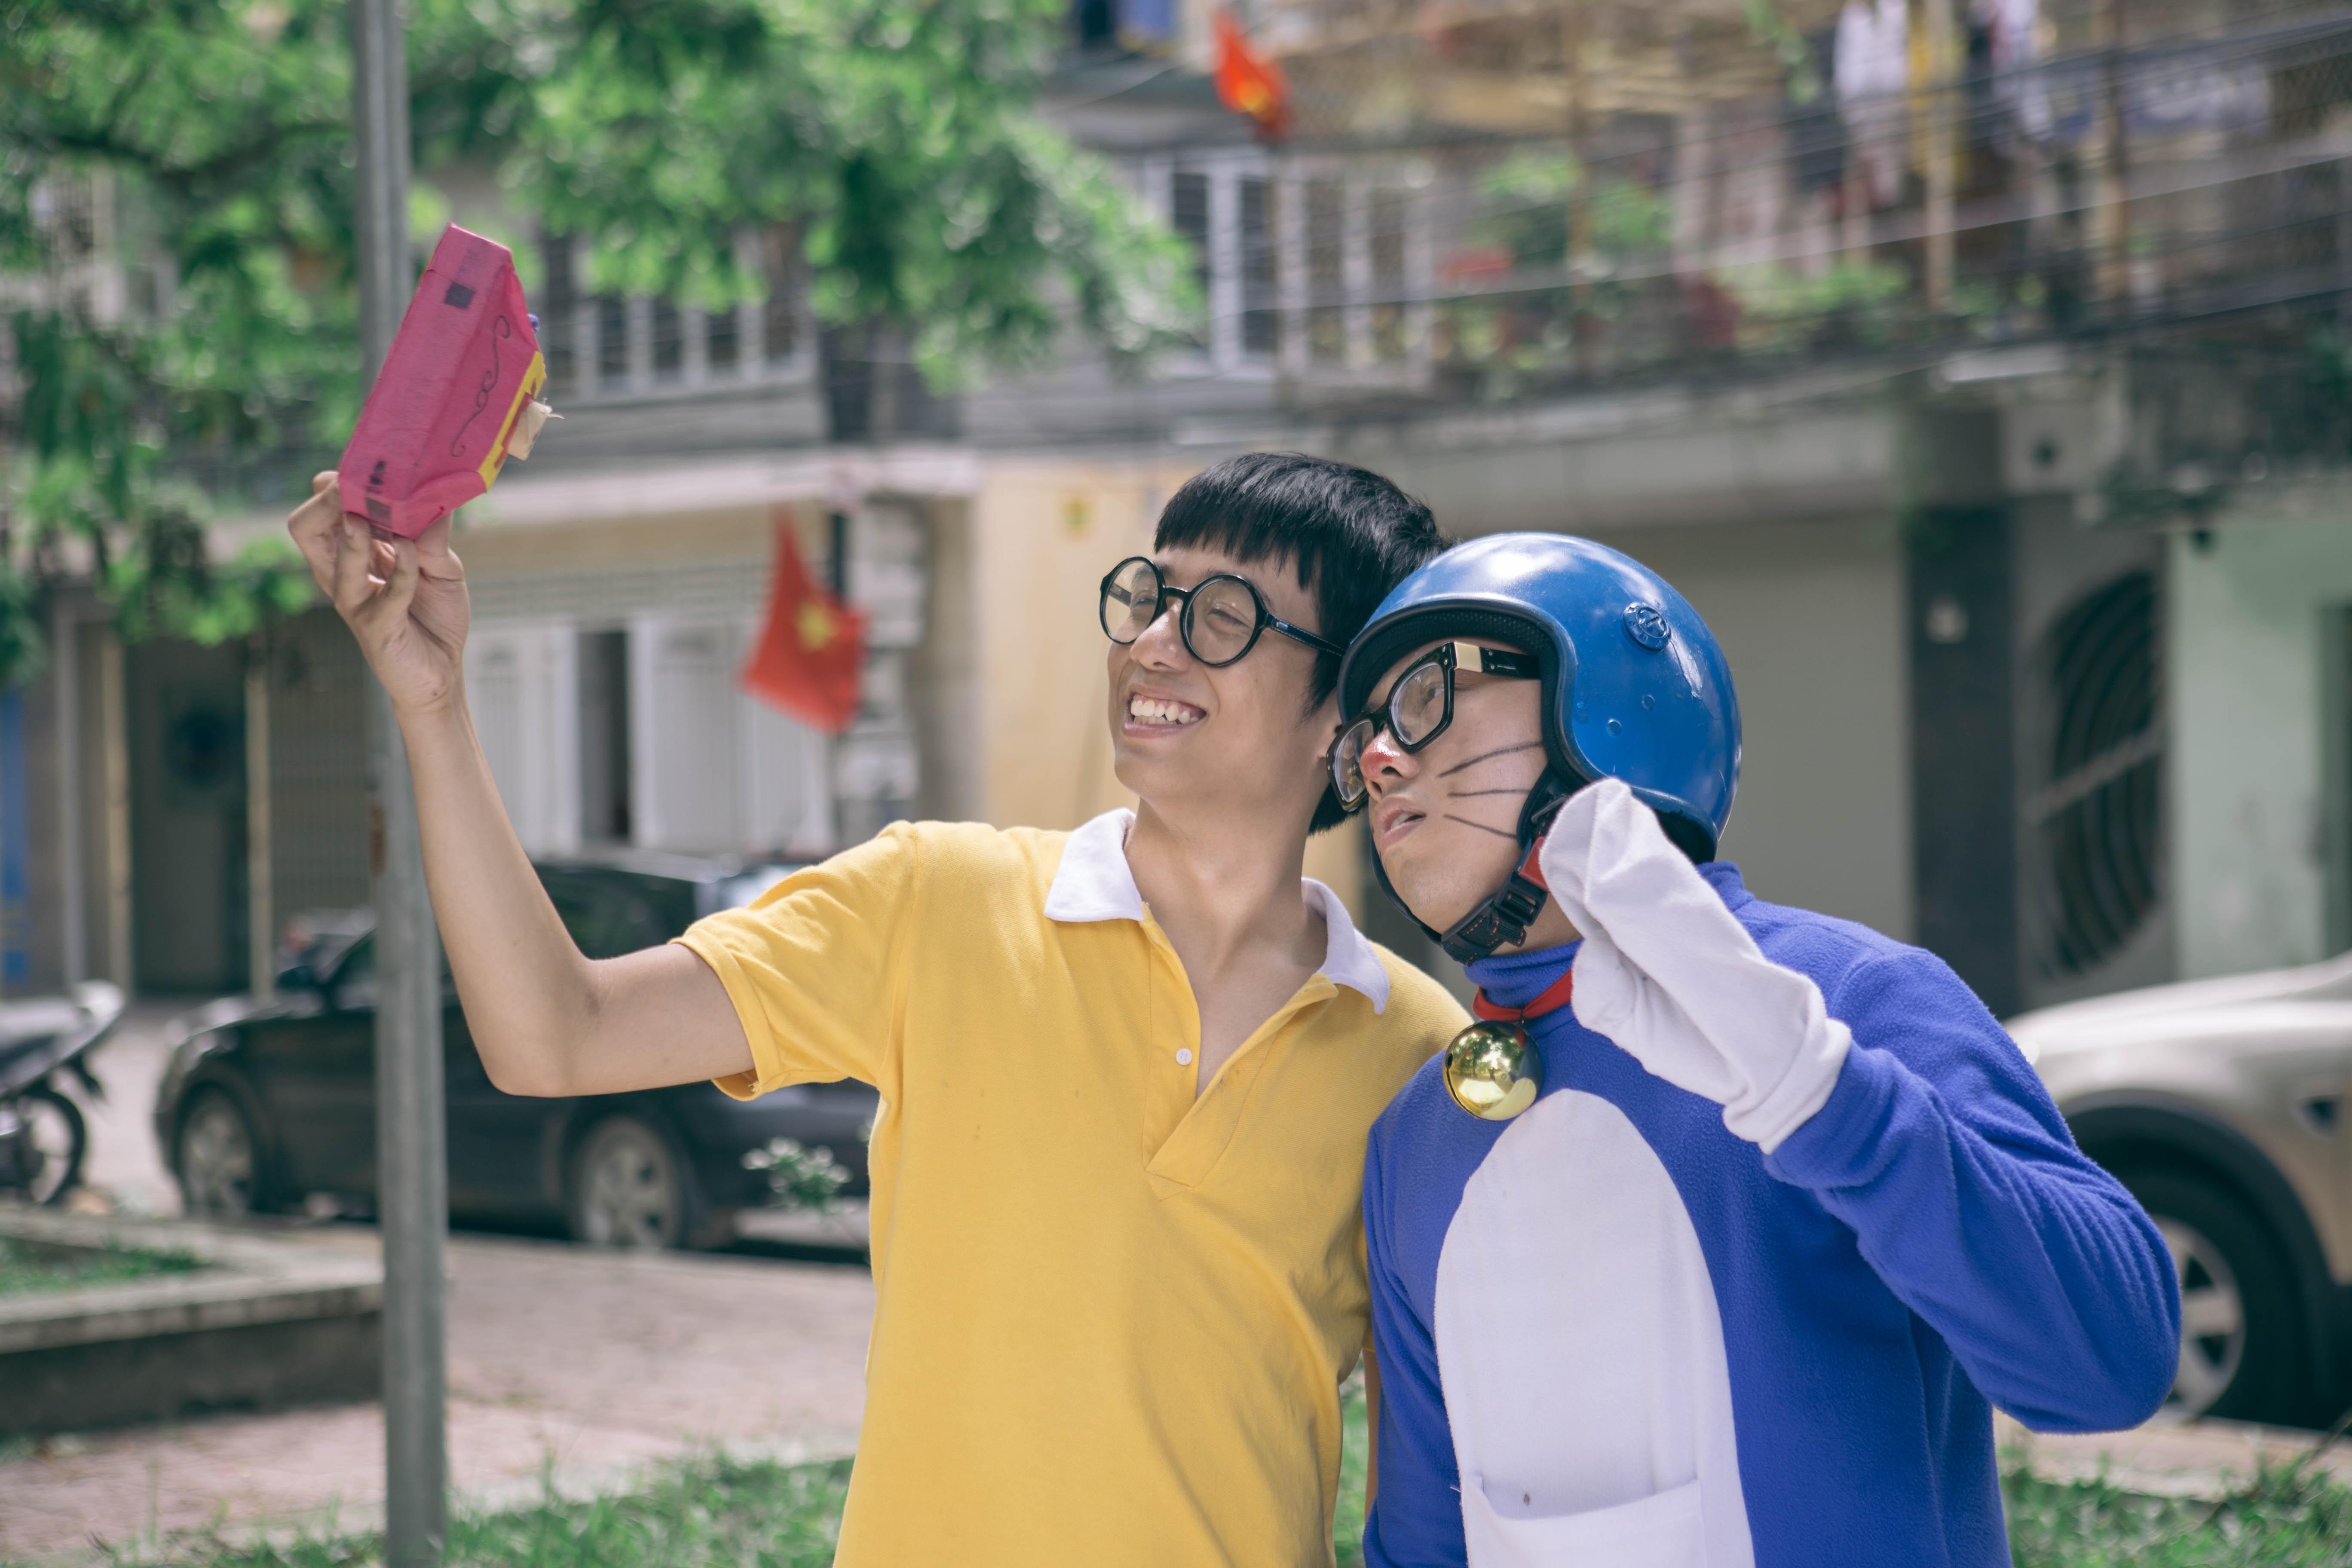 Gặp gỡ nhóm The 5050 với phiên bản Doraemon Việt Nam gây sốt cộng đồng mạng